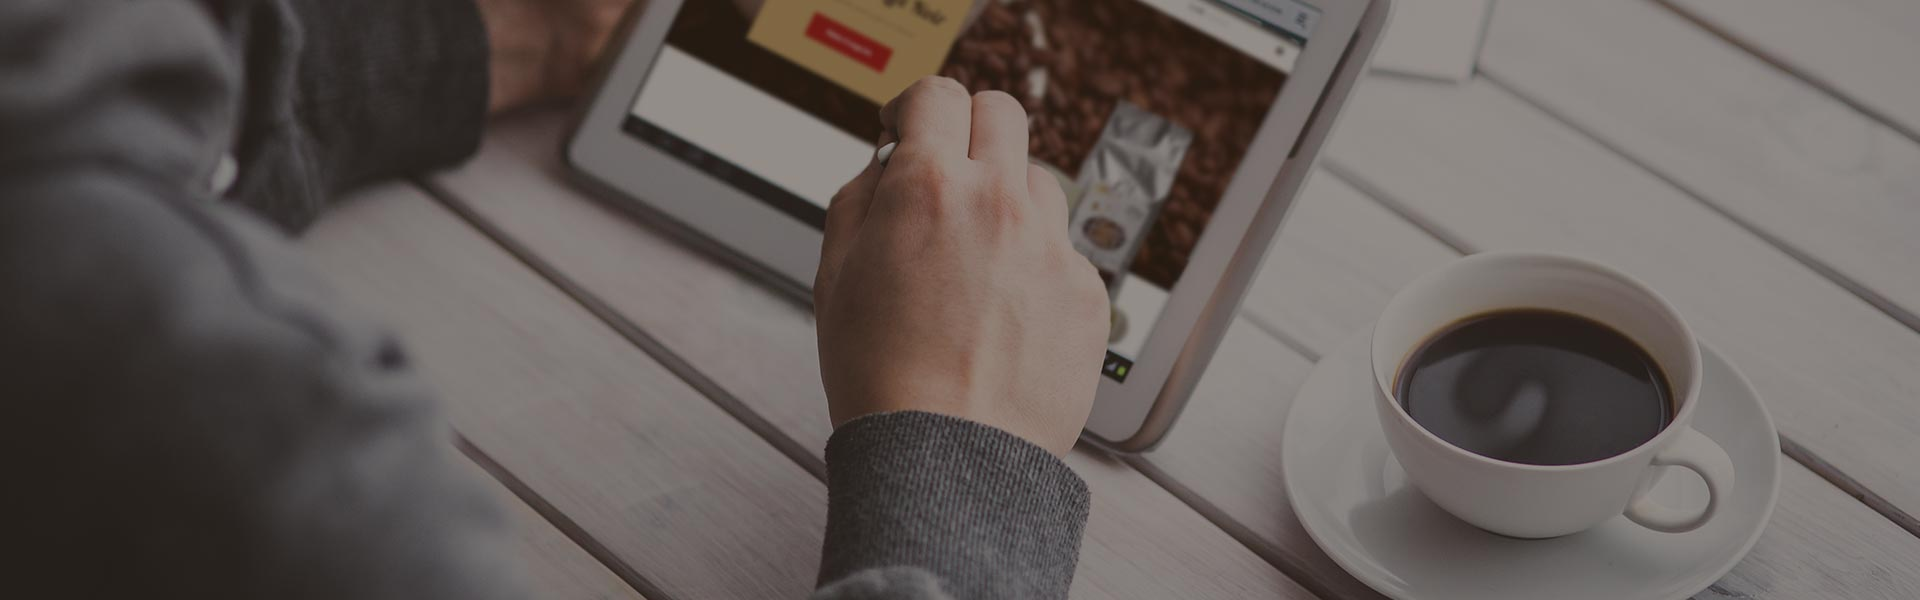 uomo che usa un tablet vicino a una tazza di caffè